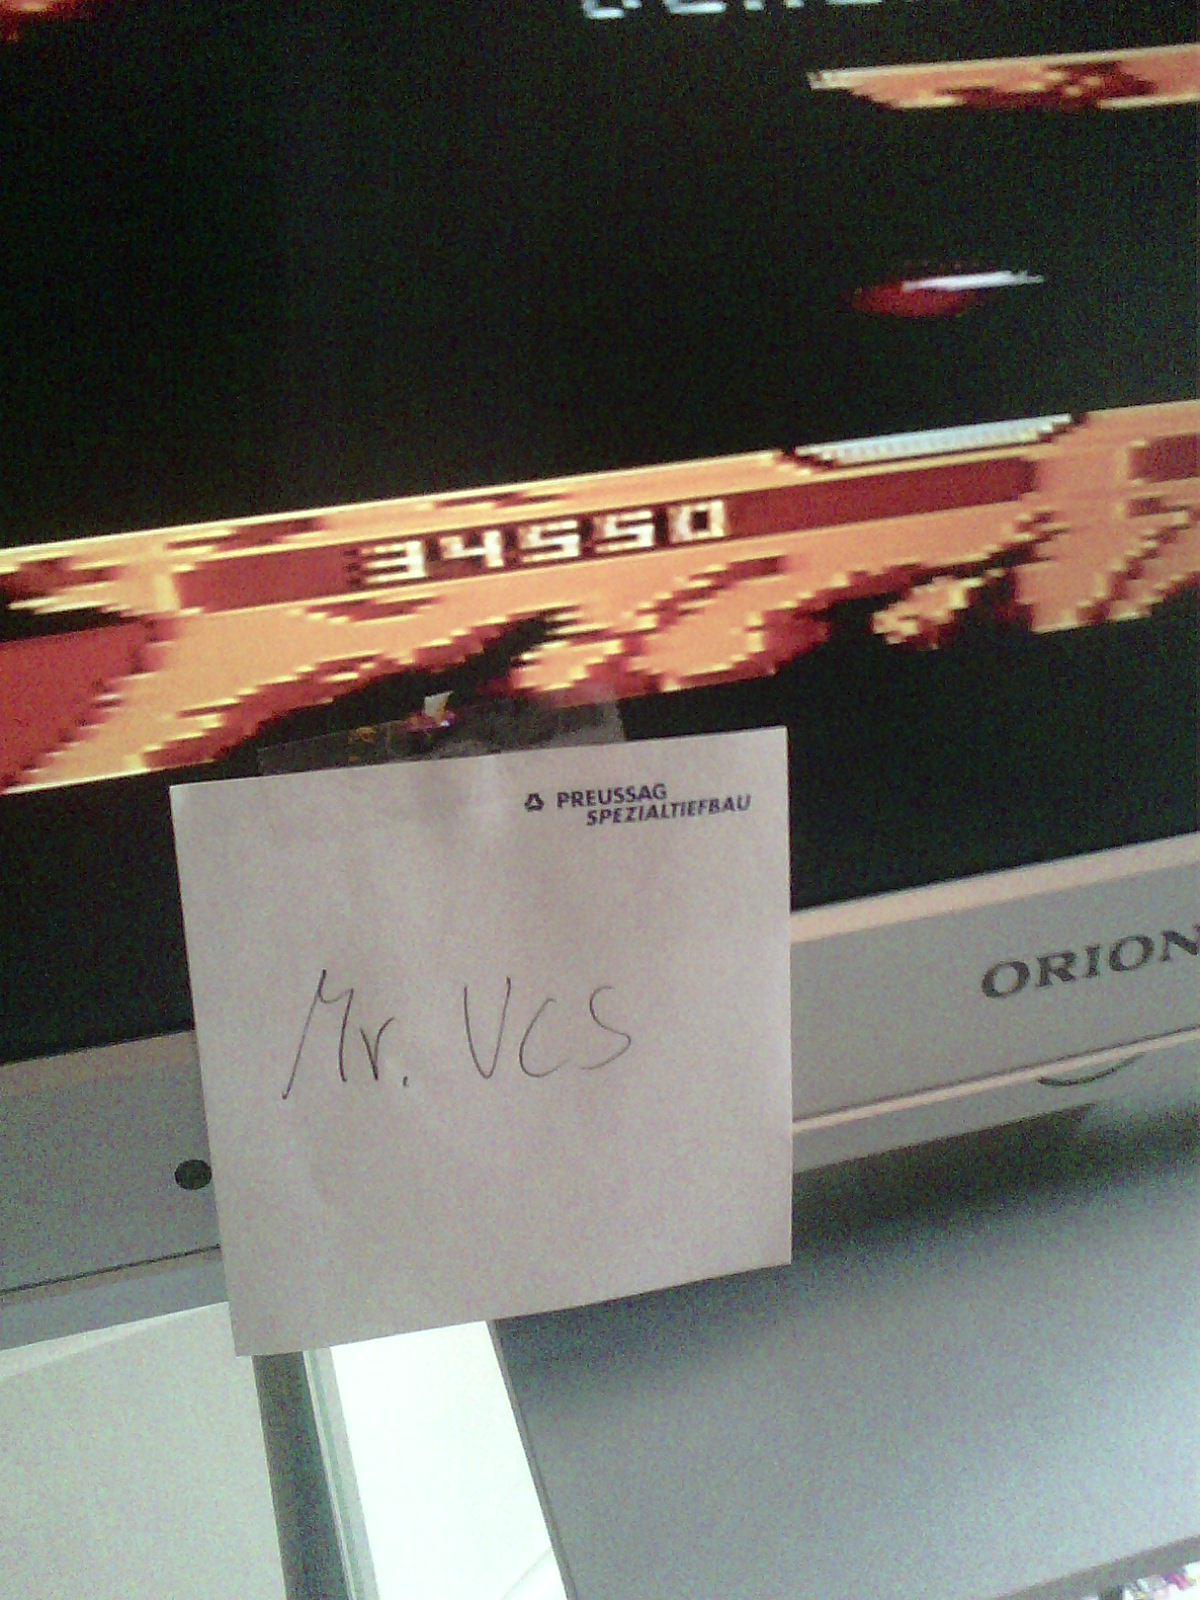 MisterVCS: Joust: Advanced (Atari 400/800/XL/XE) 34,550 points on 2015-10-19 06:45:14